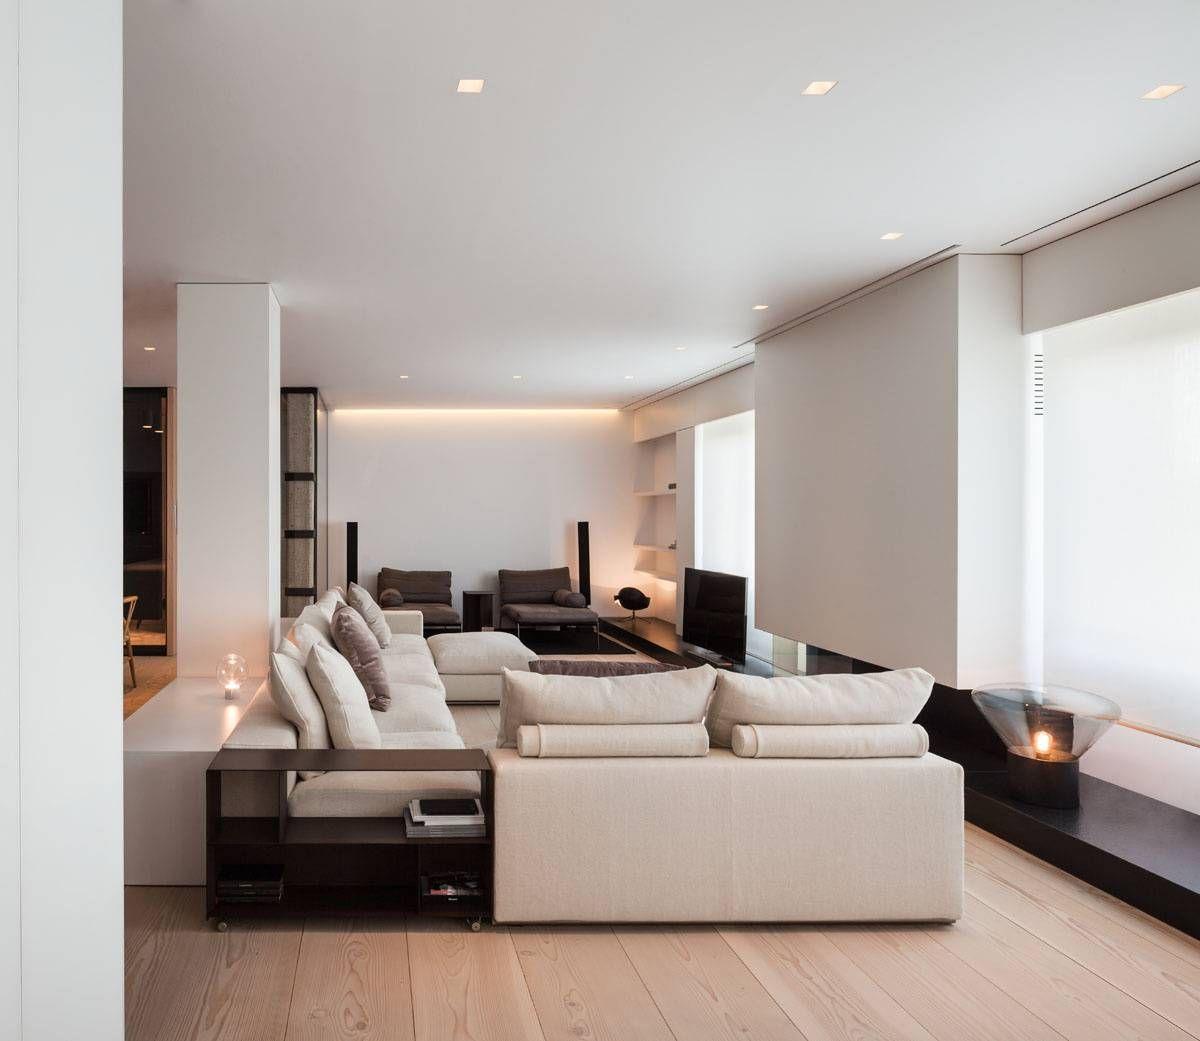 Arredamento Con Pavimento Marrone soggiorno contemporaneo moderno con arredi e mobili colore